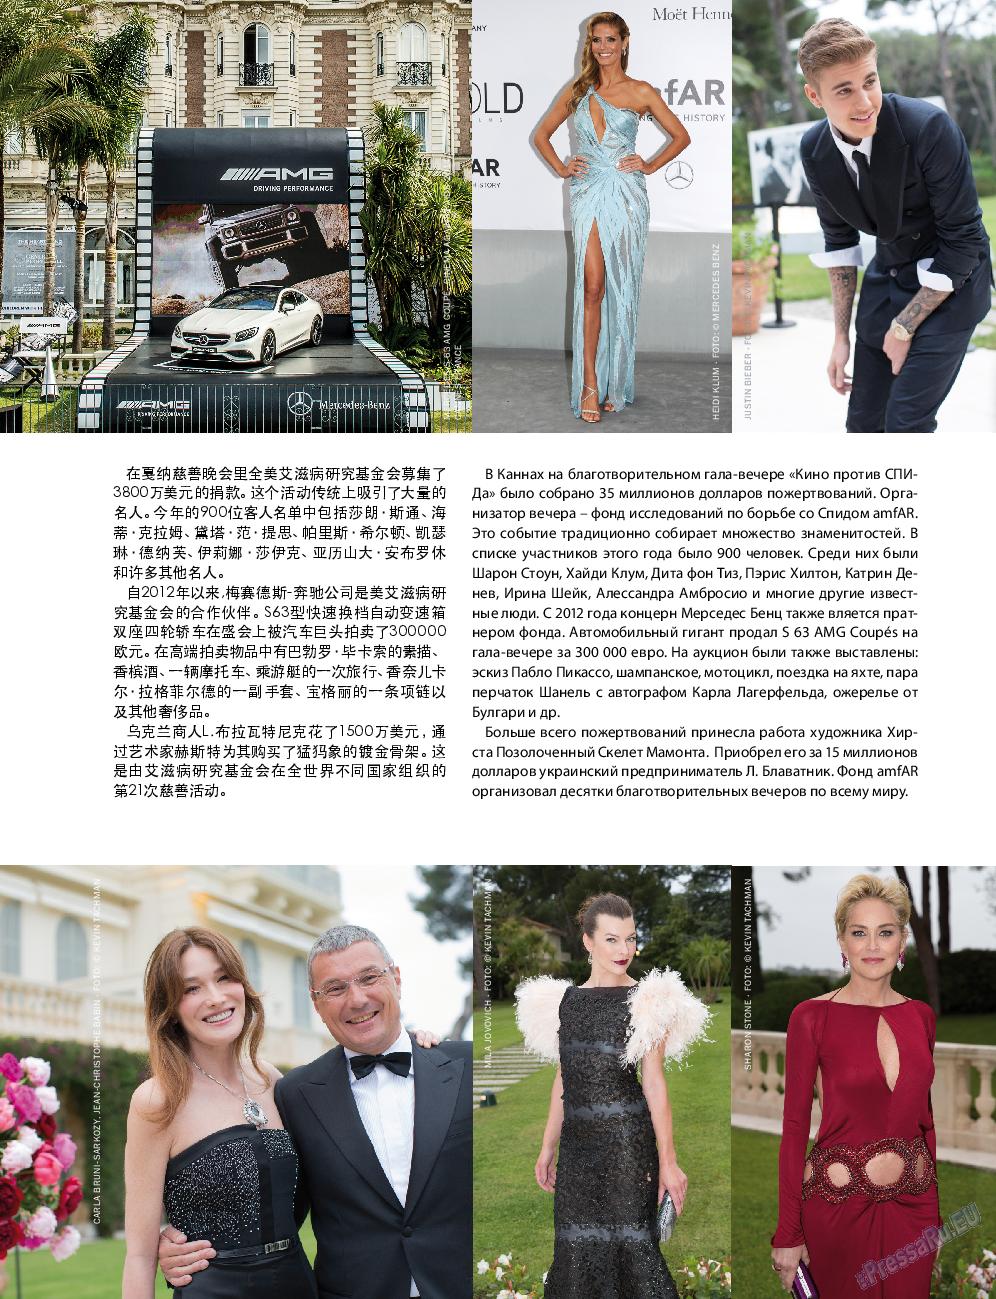 Клан (журнал). 2014 год, номер 7, стр. 203